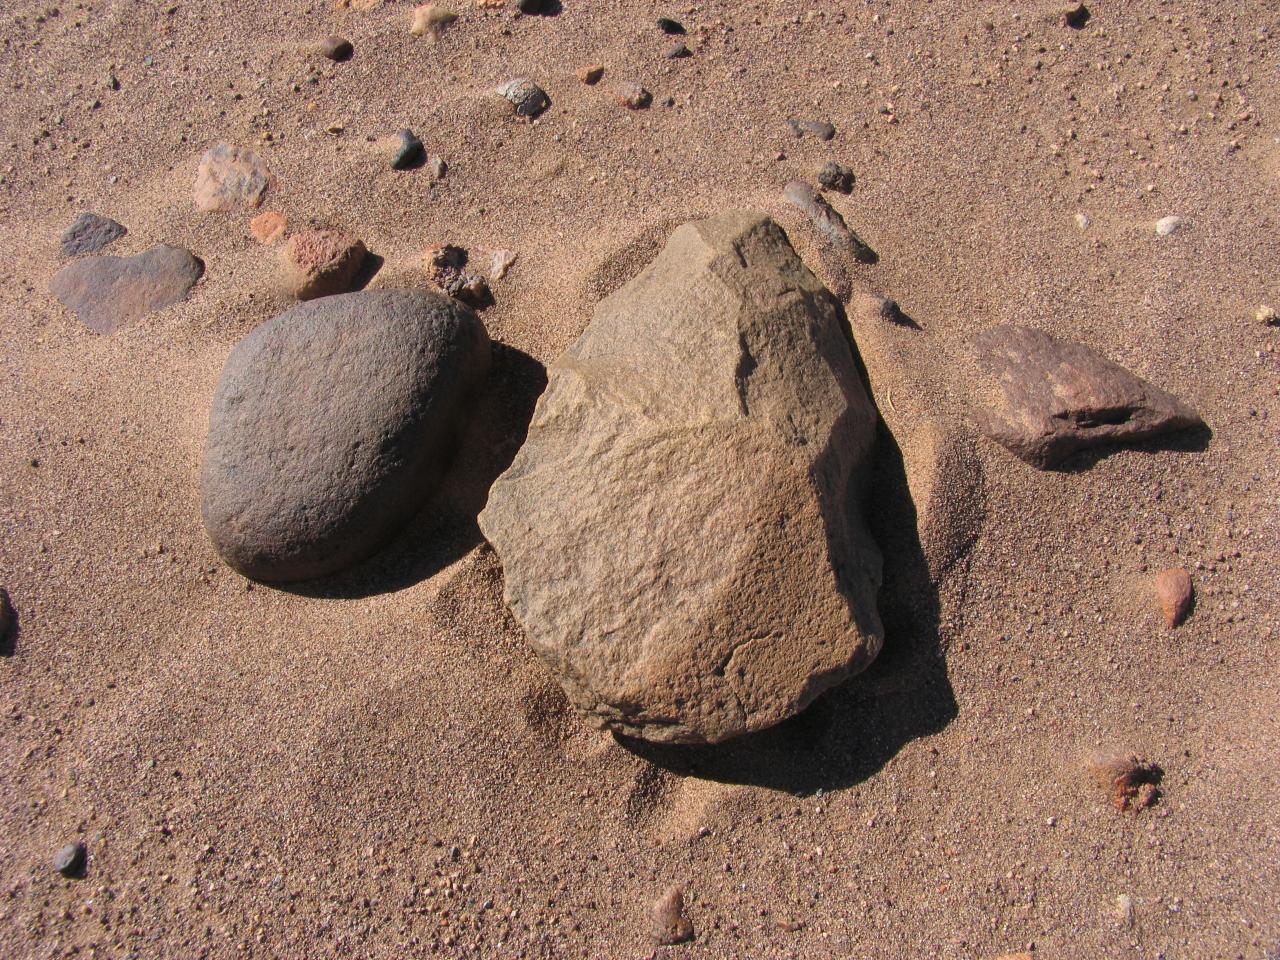 Outil paléolithique 50